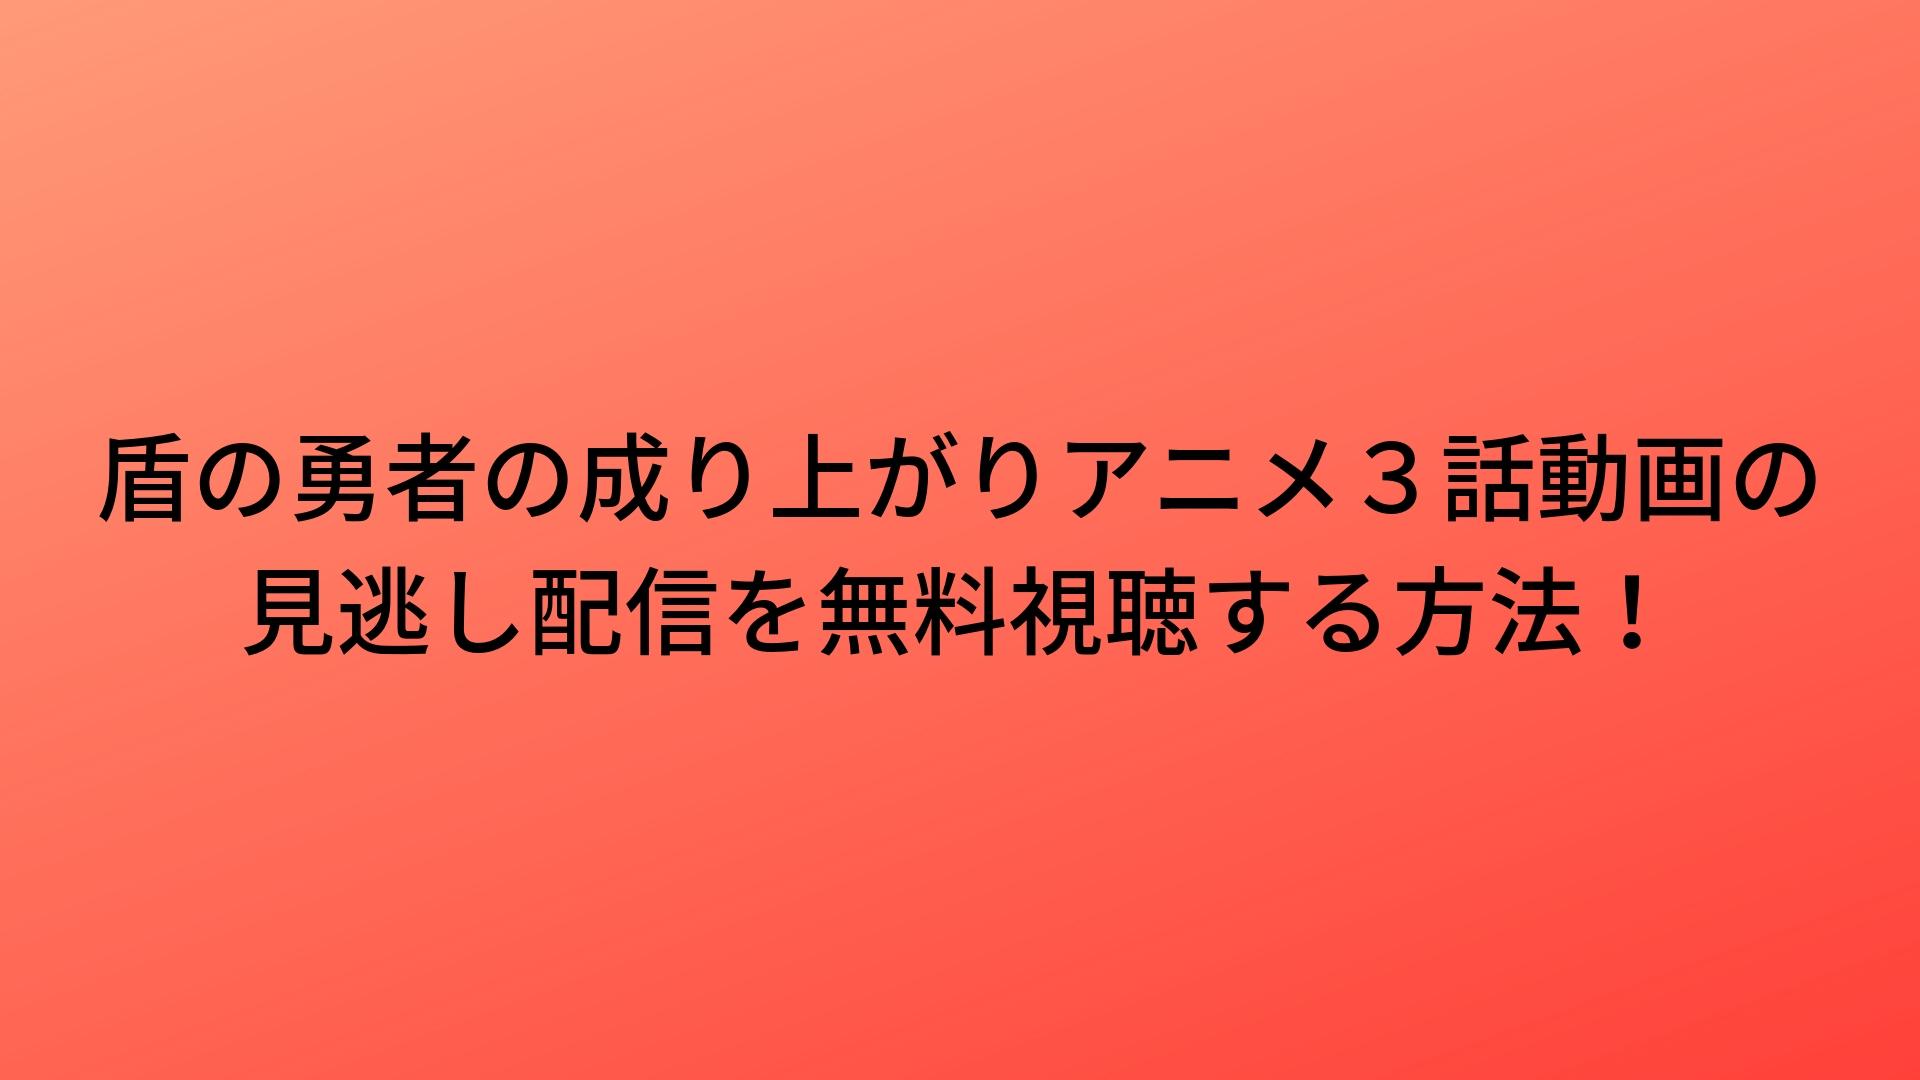 盾の勇者の成り上がりアニメ3話動画の見逃し配信を無料視聴する方法 ...